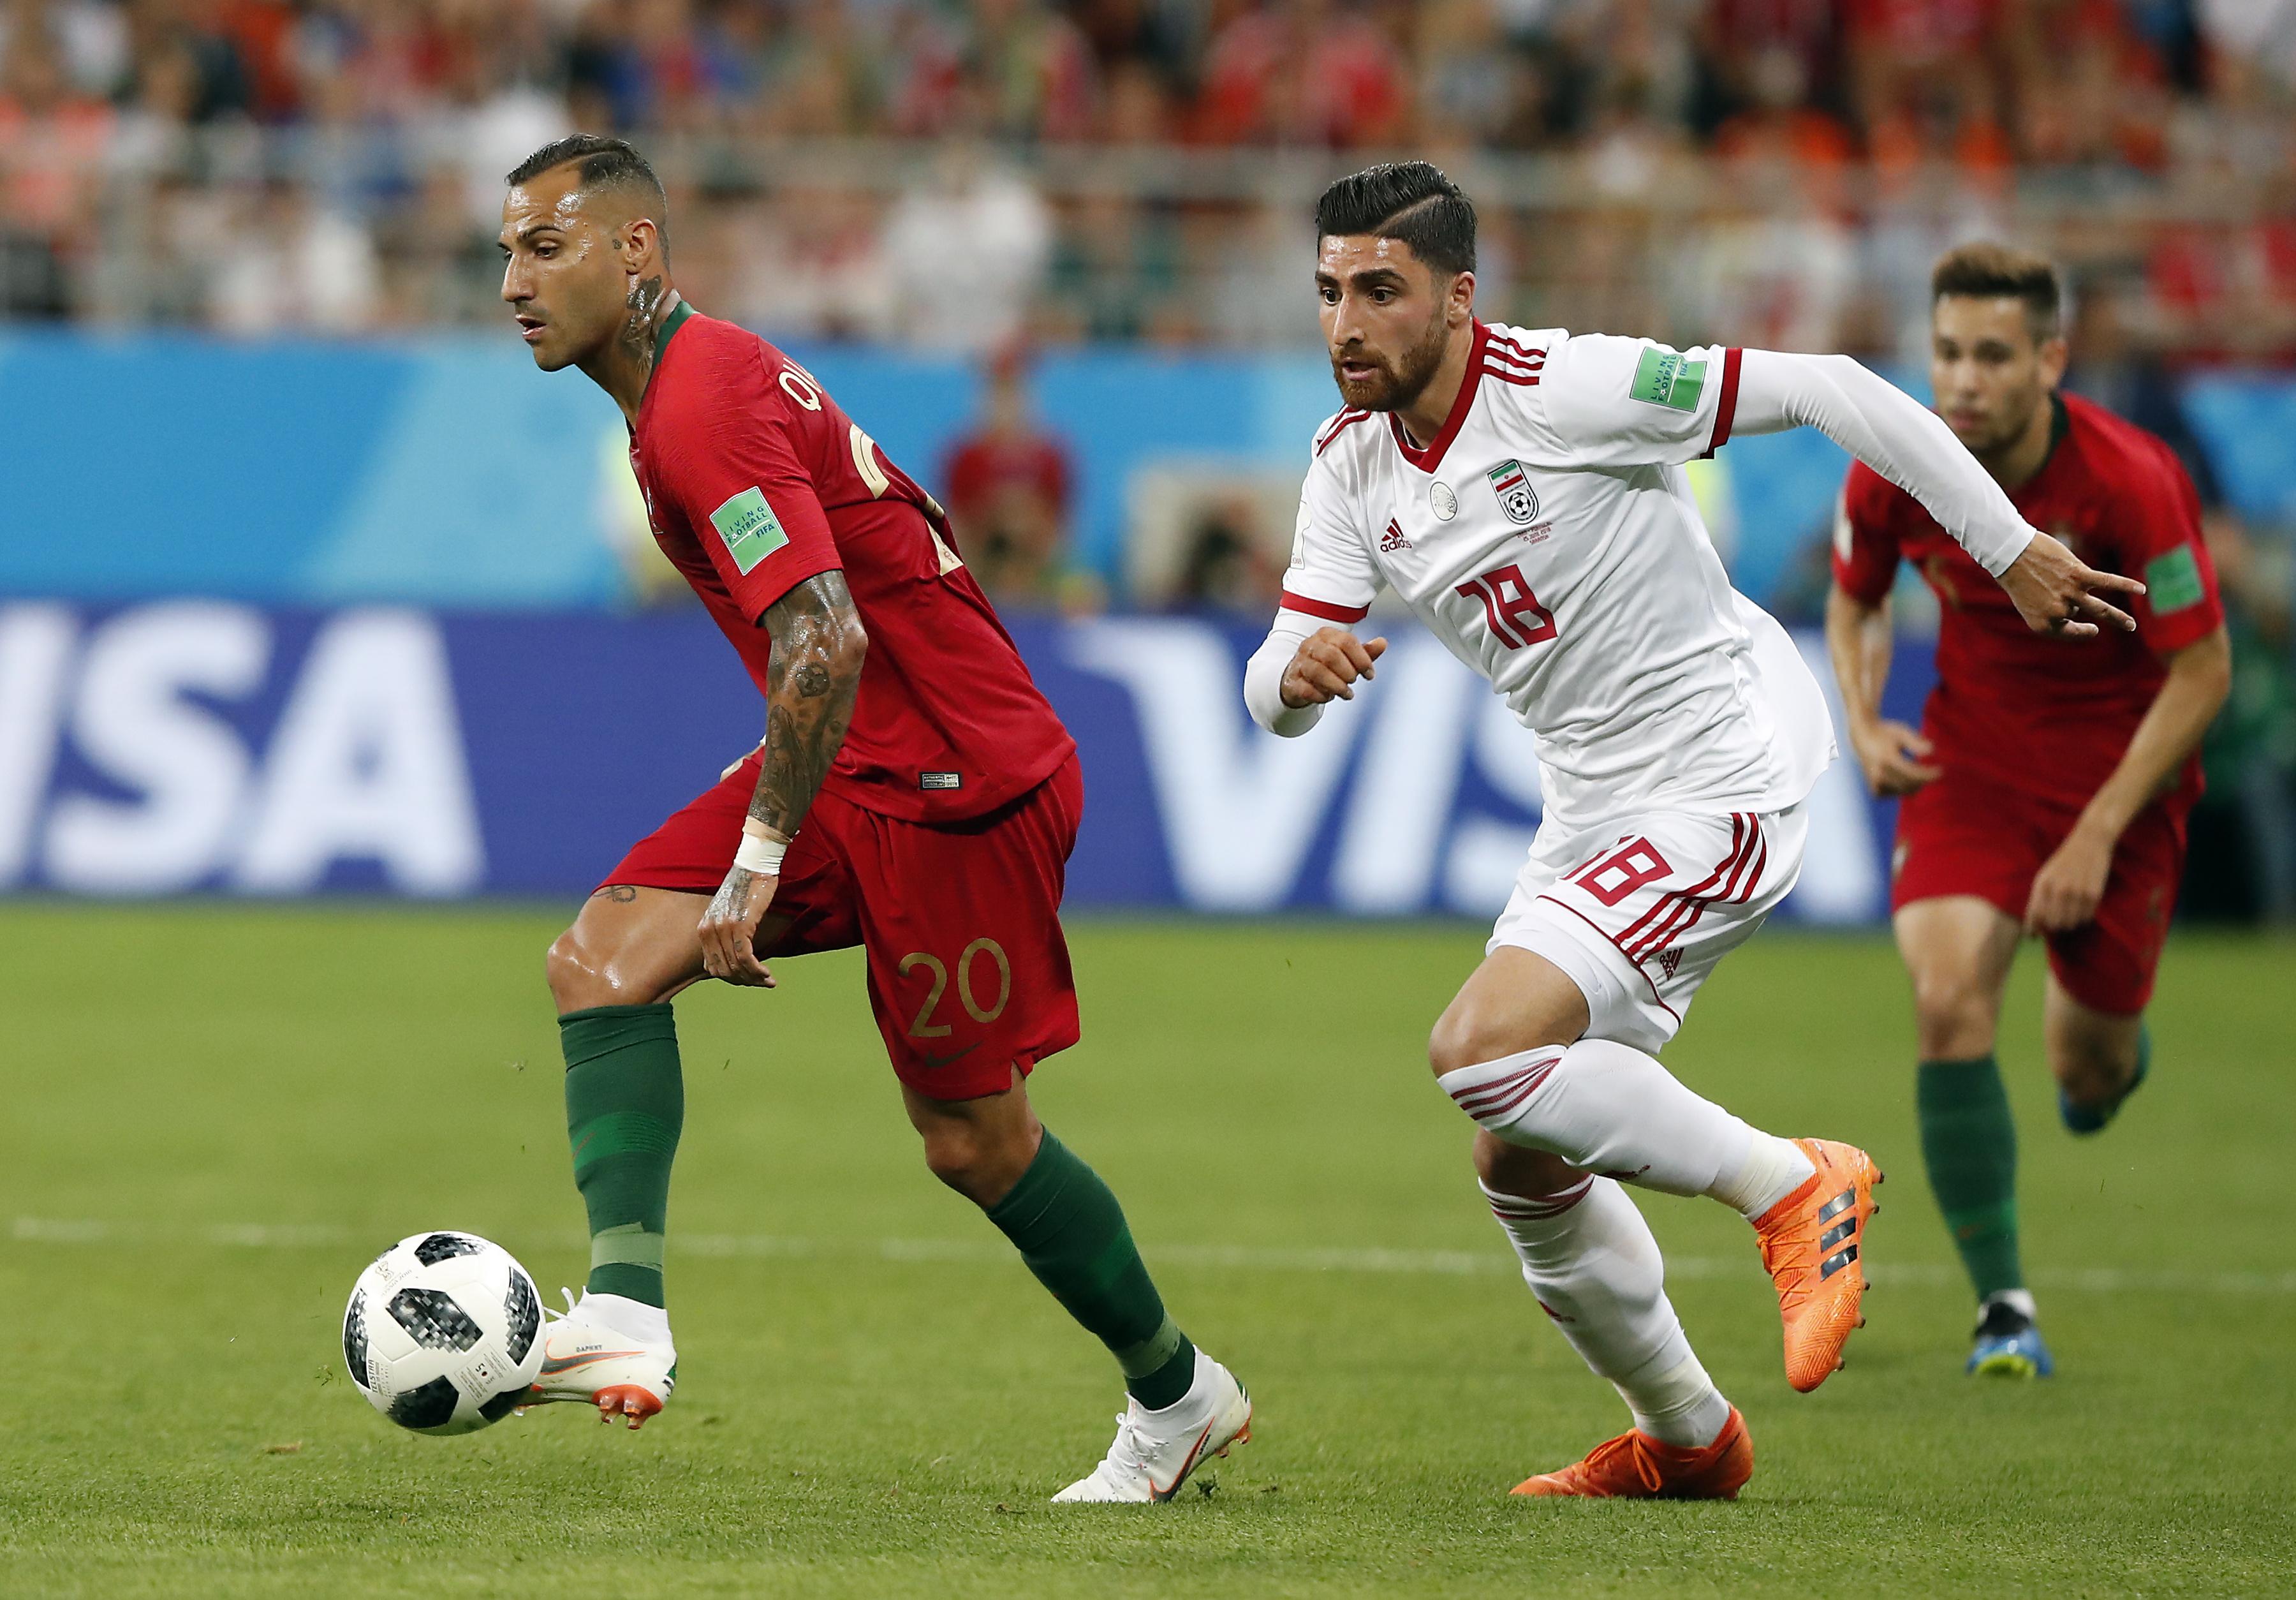 Španjolska i Portugal remijima do osmine finala